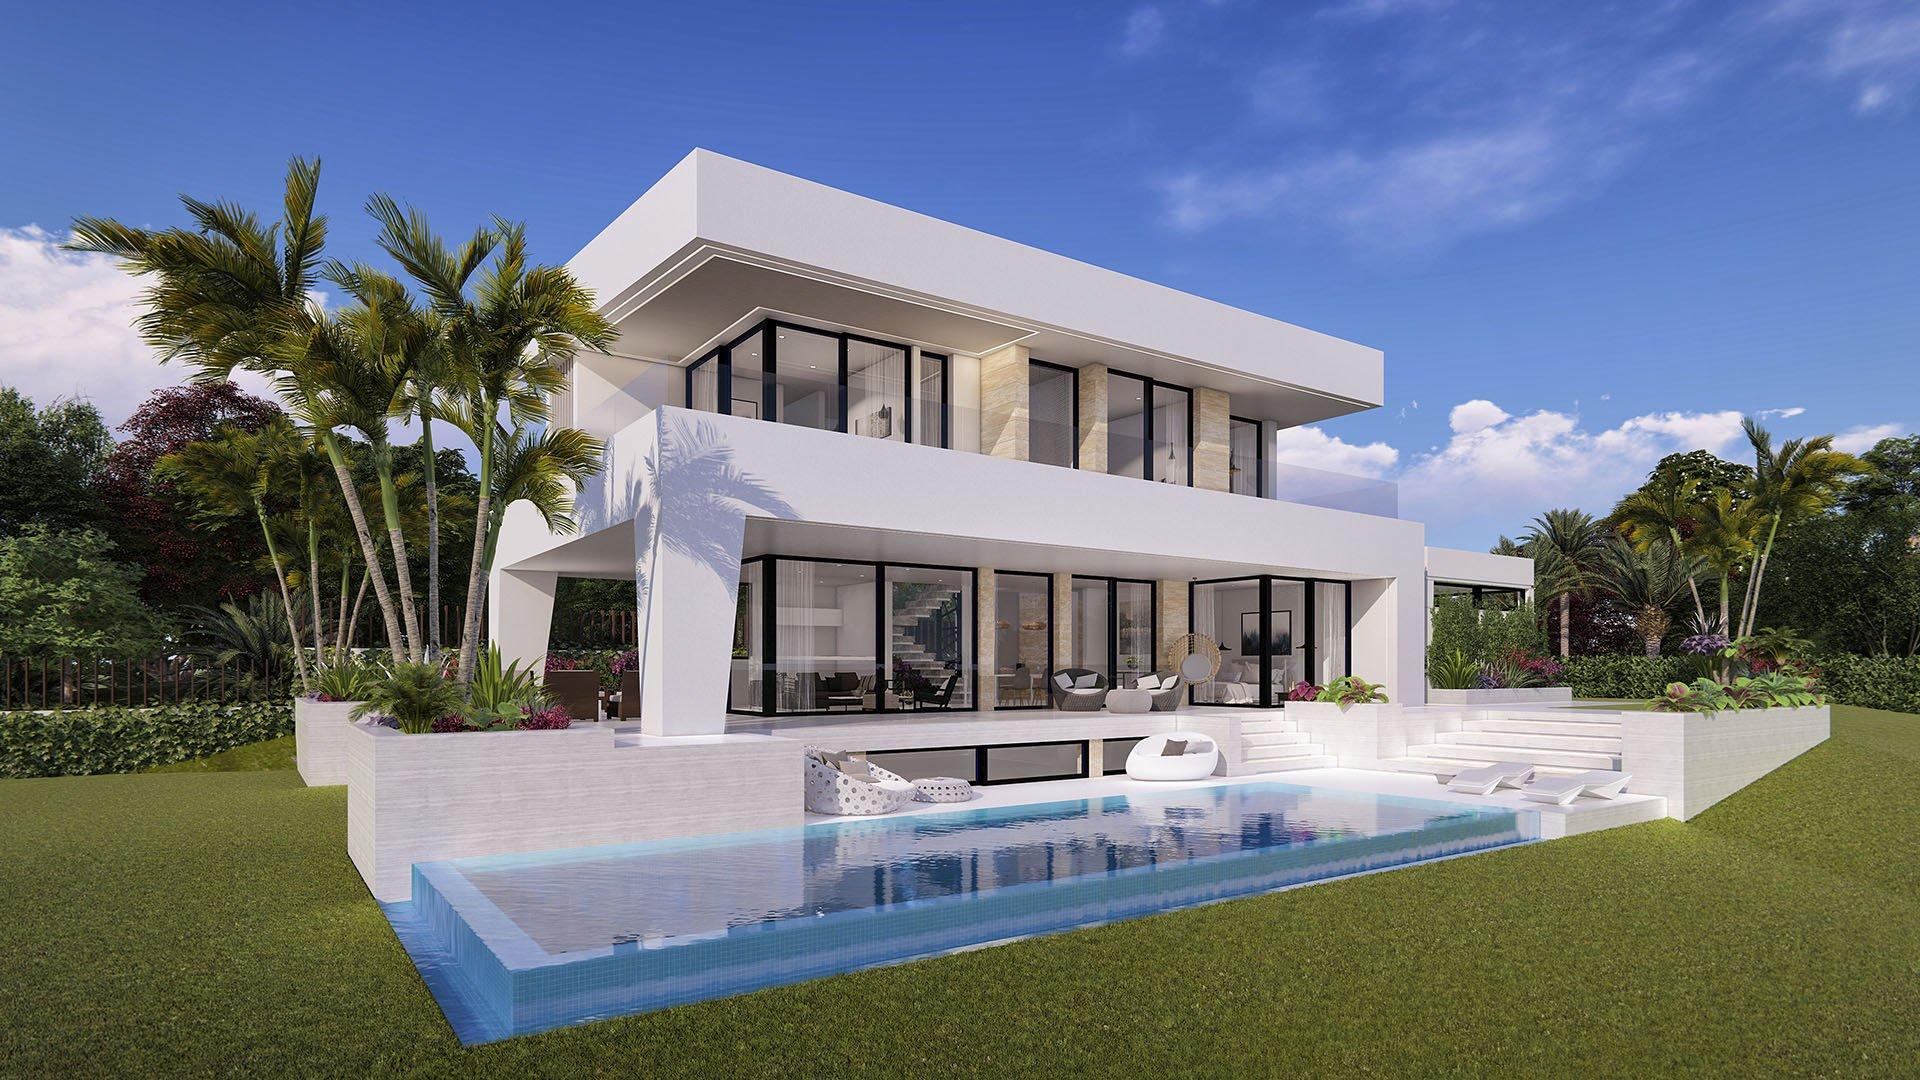 Villa Laura: Modern villa with sea views in La Cala de Mijas